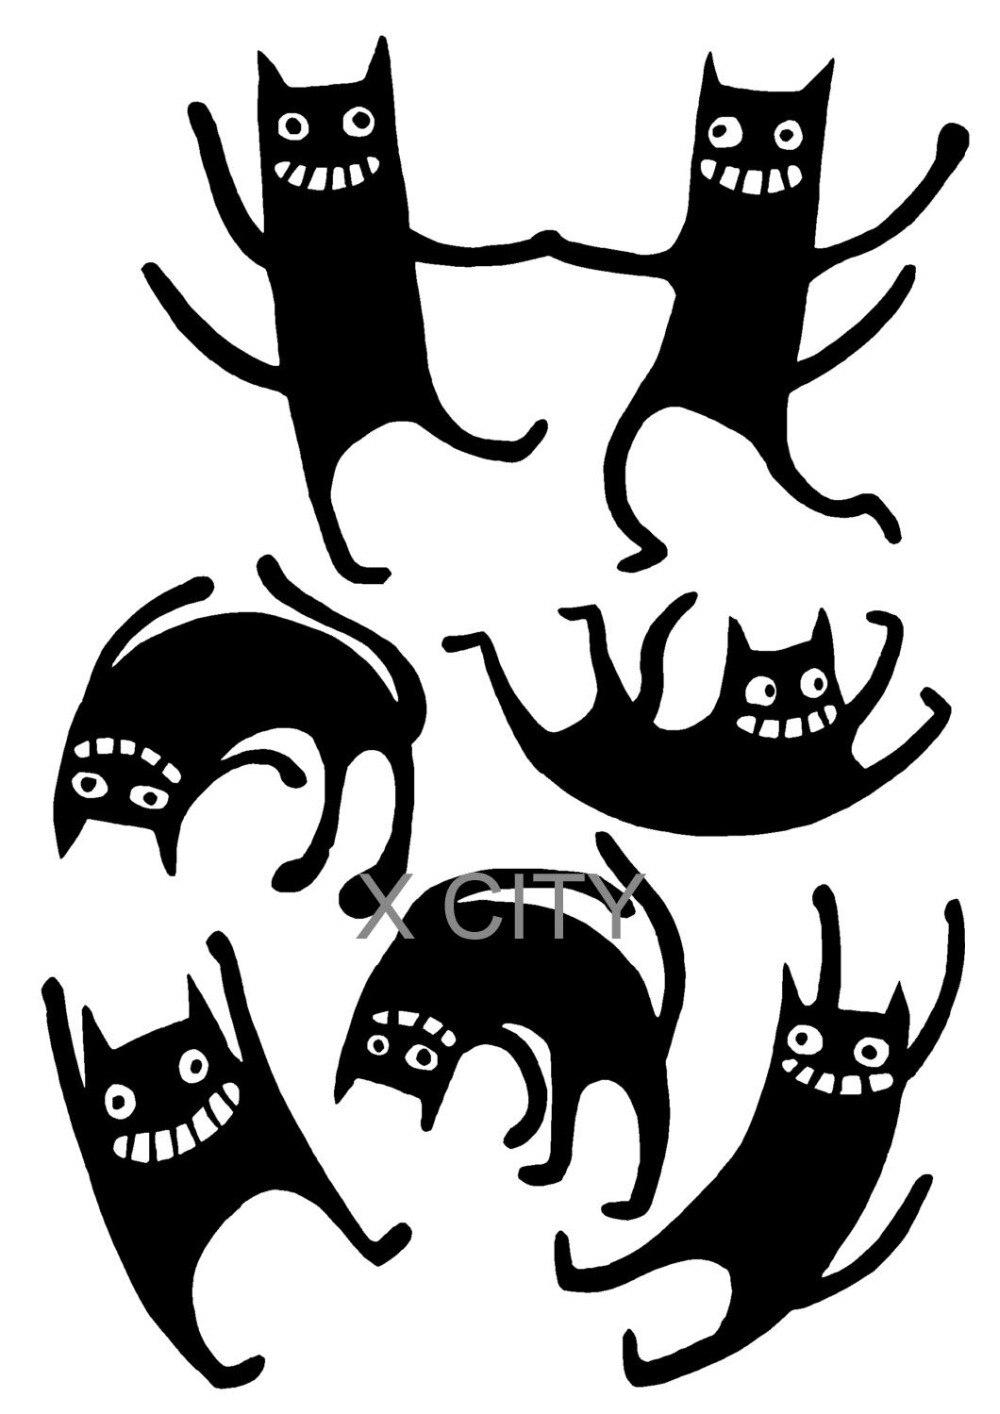 Impertinentes Cats Art Black Wall Adesivo Decalque Vinil Removível Cut Transferência Stencil Decoração Da Casa Quarto Janela Porta De Espelho Carro